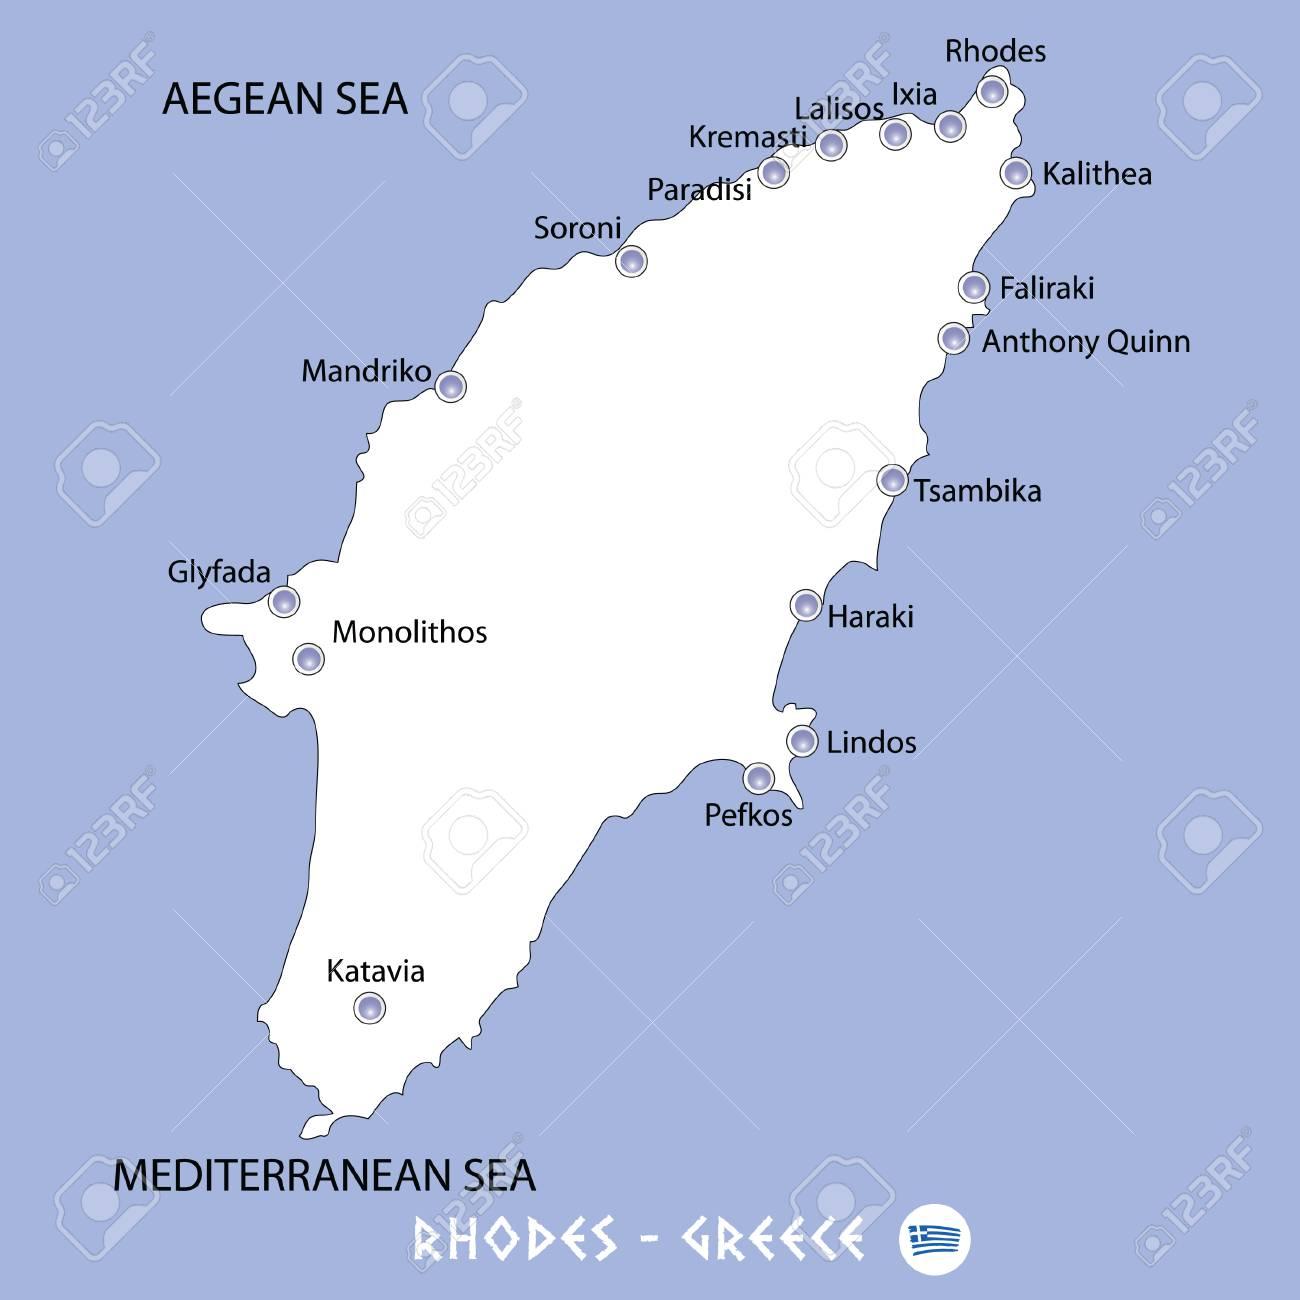 Isla De Rodas Mapa.Isla De Rodas En El Mapa Blanco De Grecia Y La Ilustracion Azul Del Fondo En Colorido